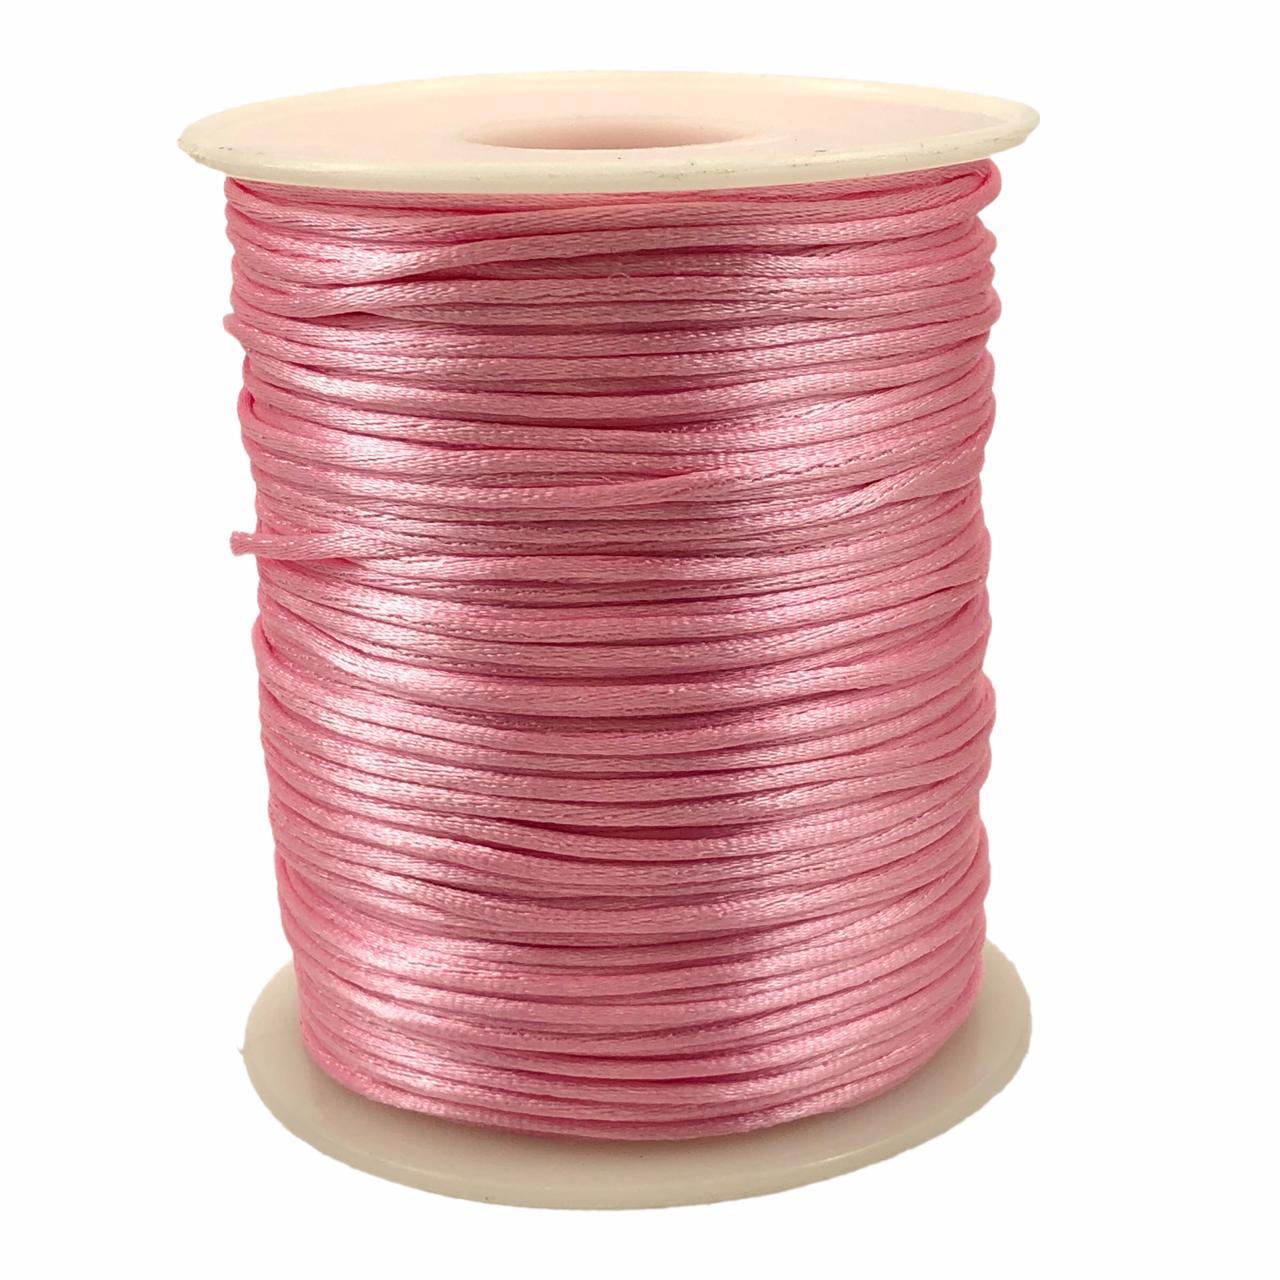 FS60 - Fio de Seda 1mm Rosa - 5metros